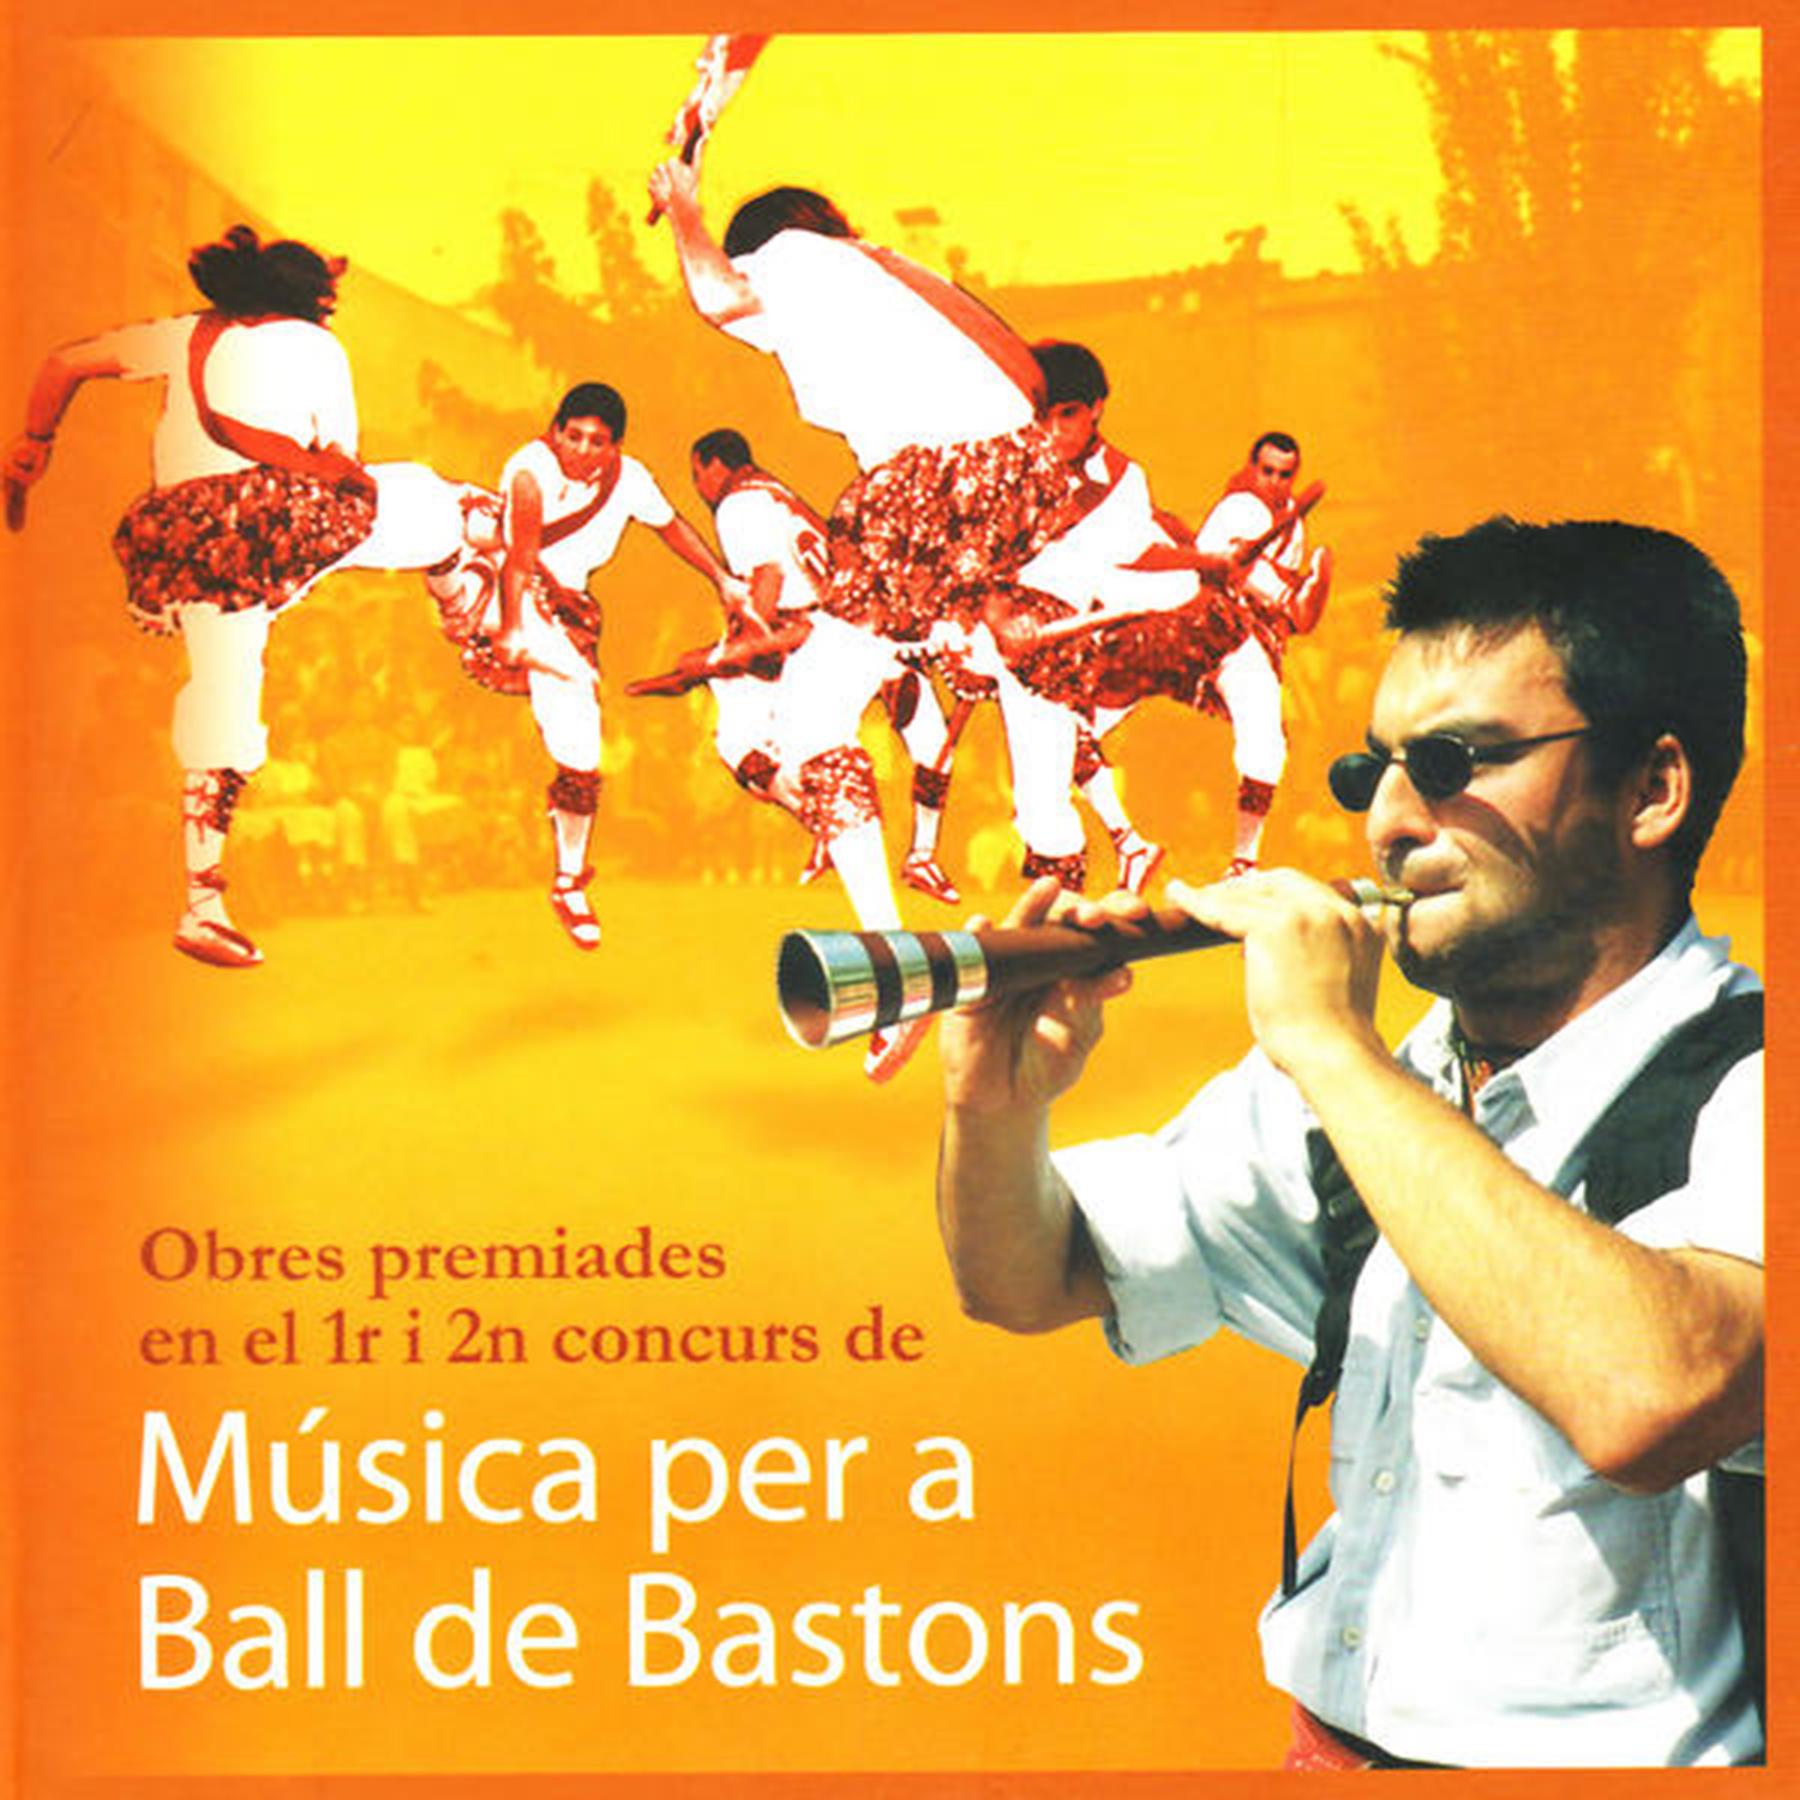 Caratula - Música per a ball de bastons